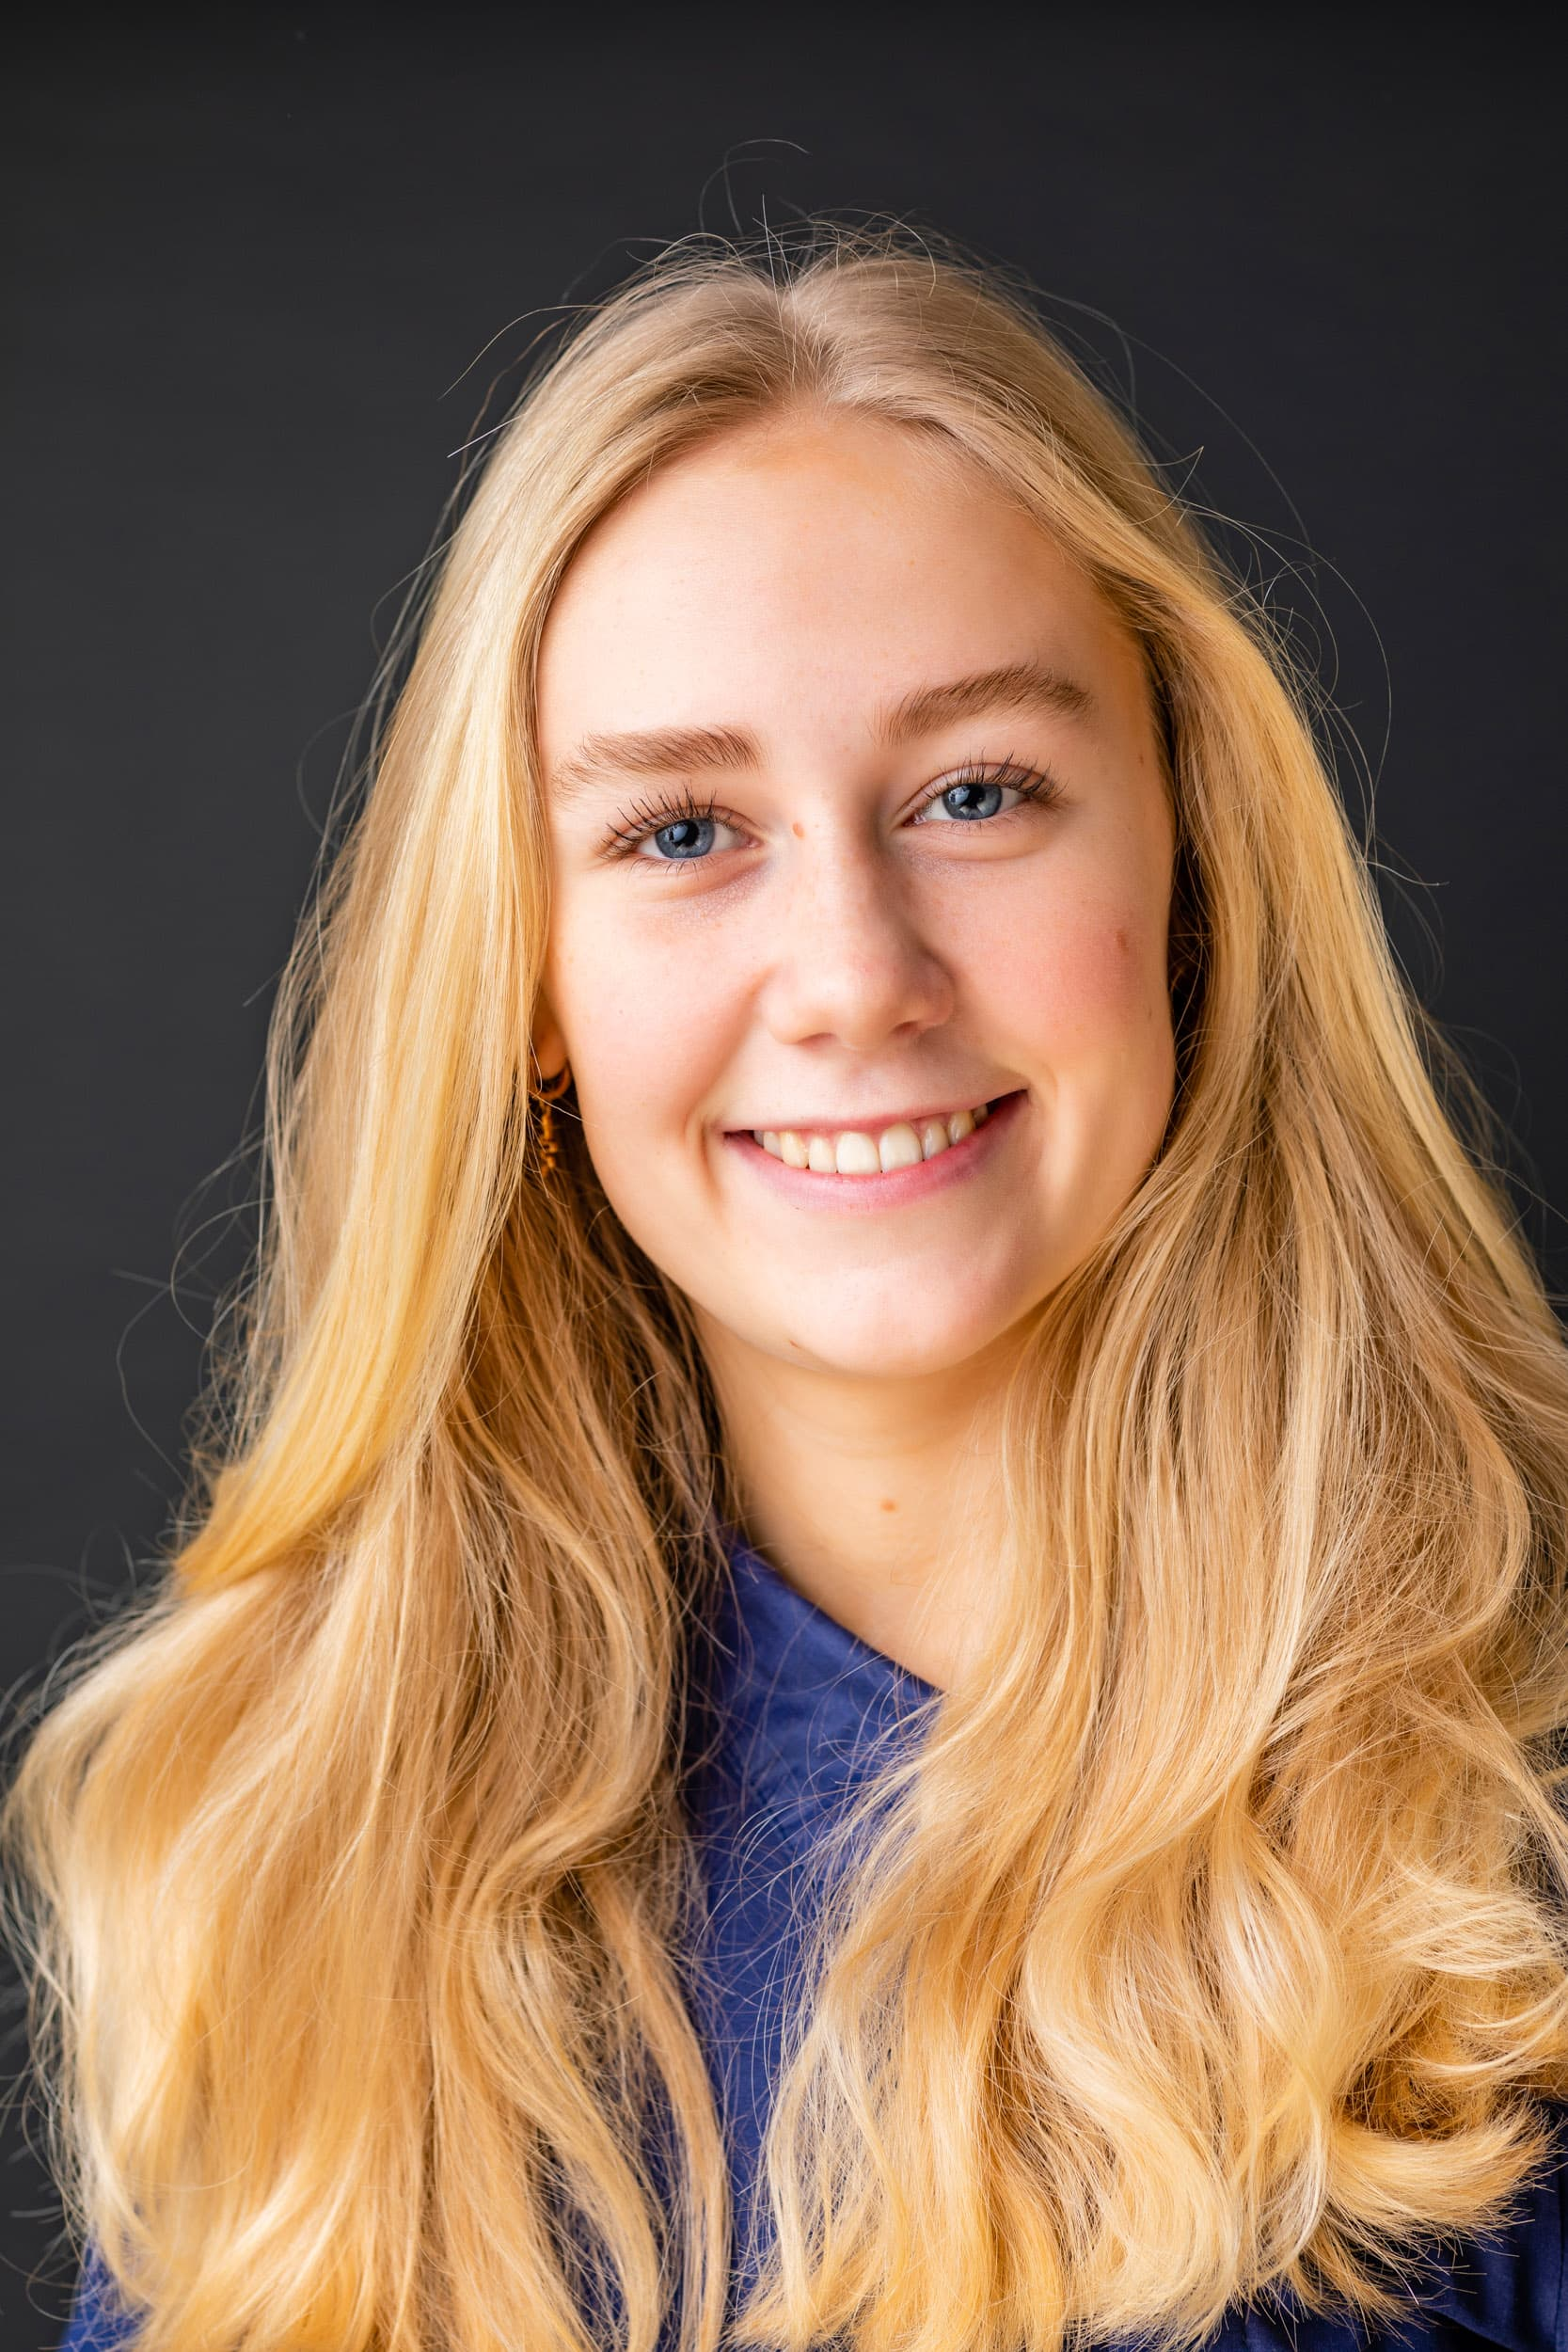 Portræt pige – teenager